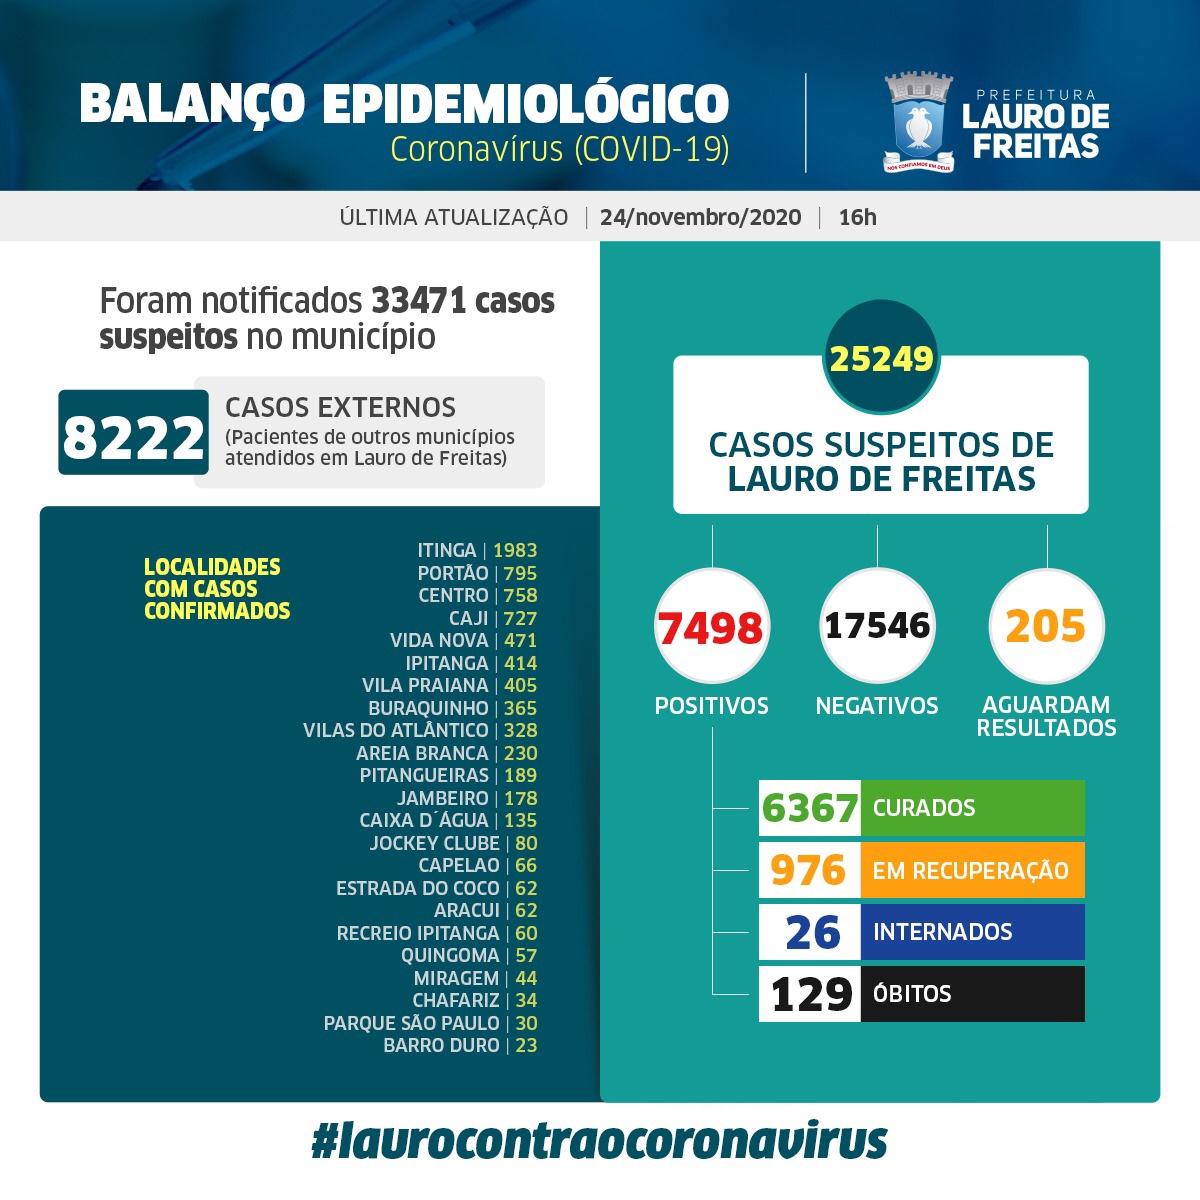 Lauro de Freitas registrou nas últimas 24h, 23 novos casos da COVID-19